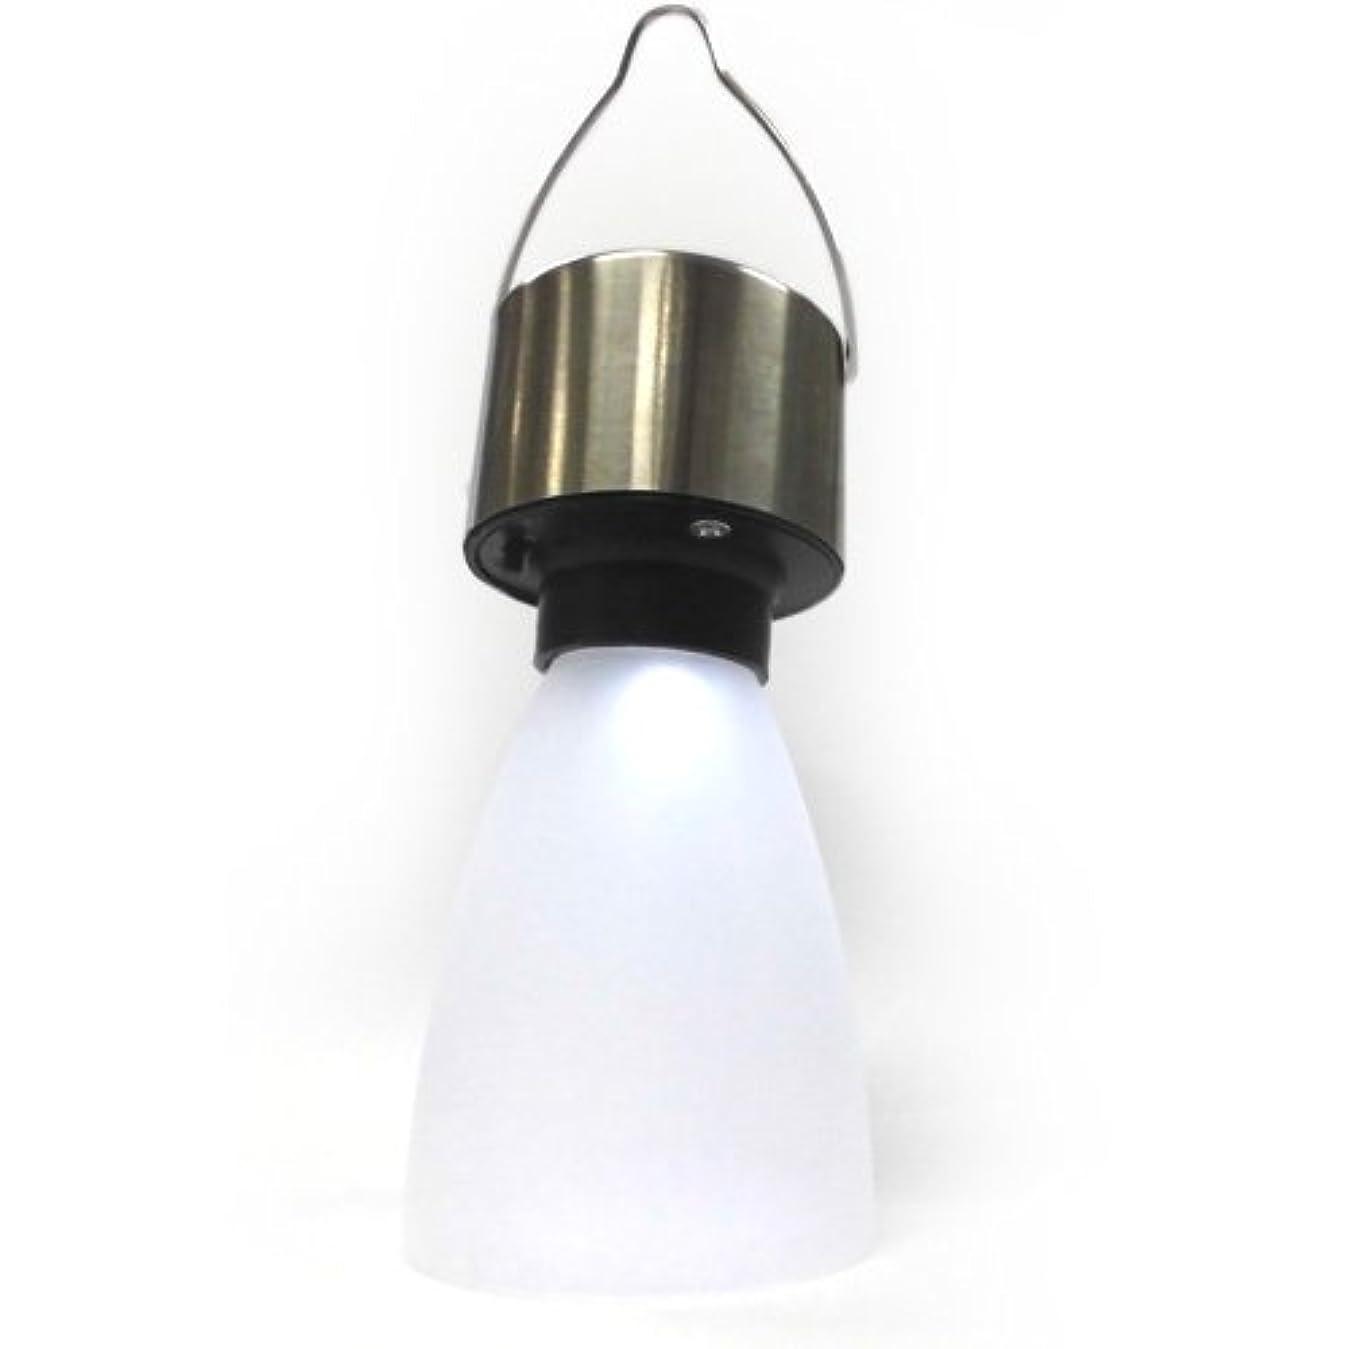 アラバマお嬢会計士LED ソーラーライト ランタン ソーラー充電式 吊り下げタイプ 屋外型 自動点灯